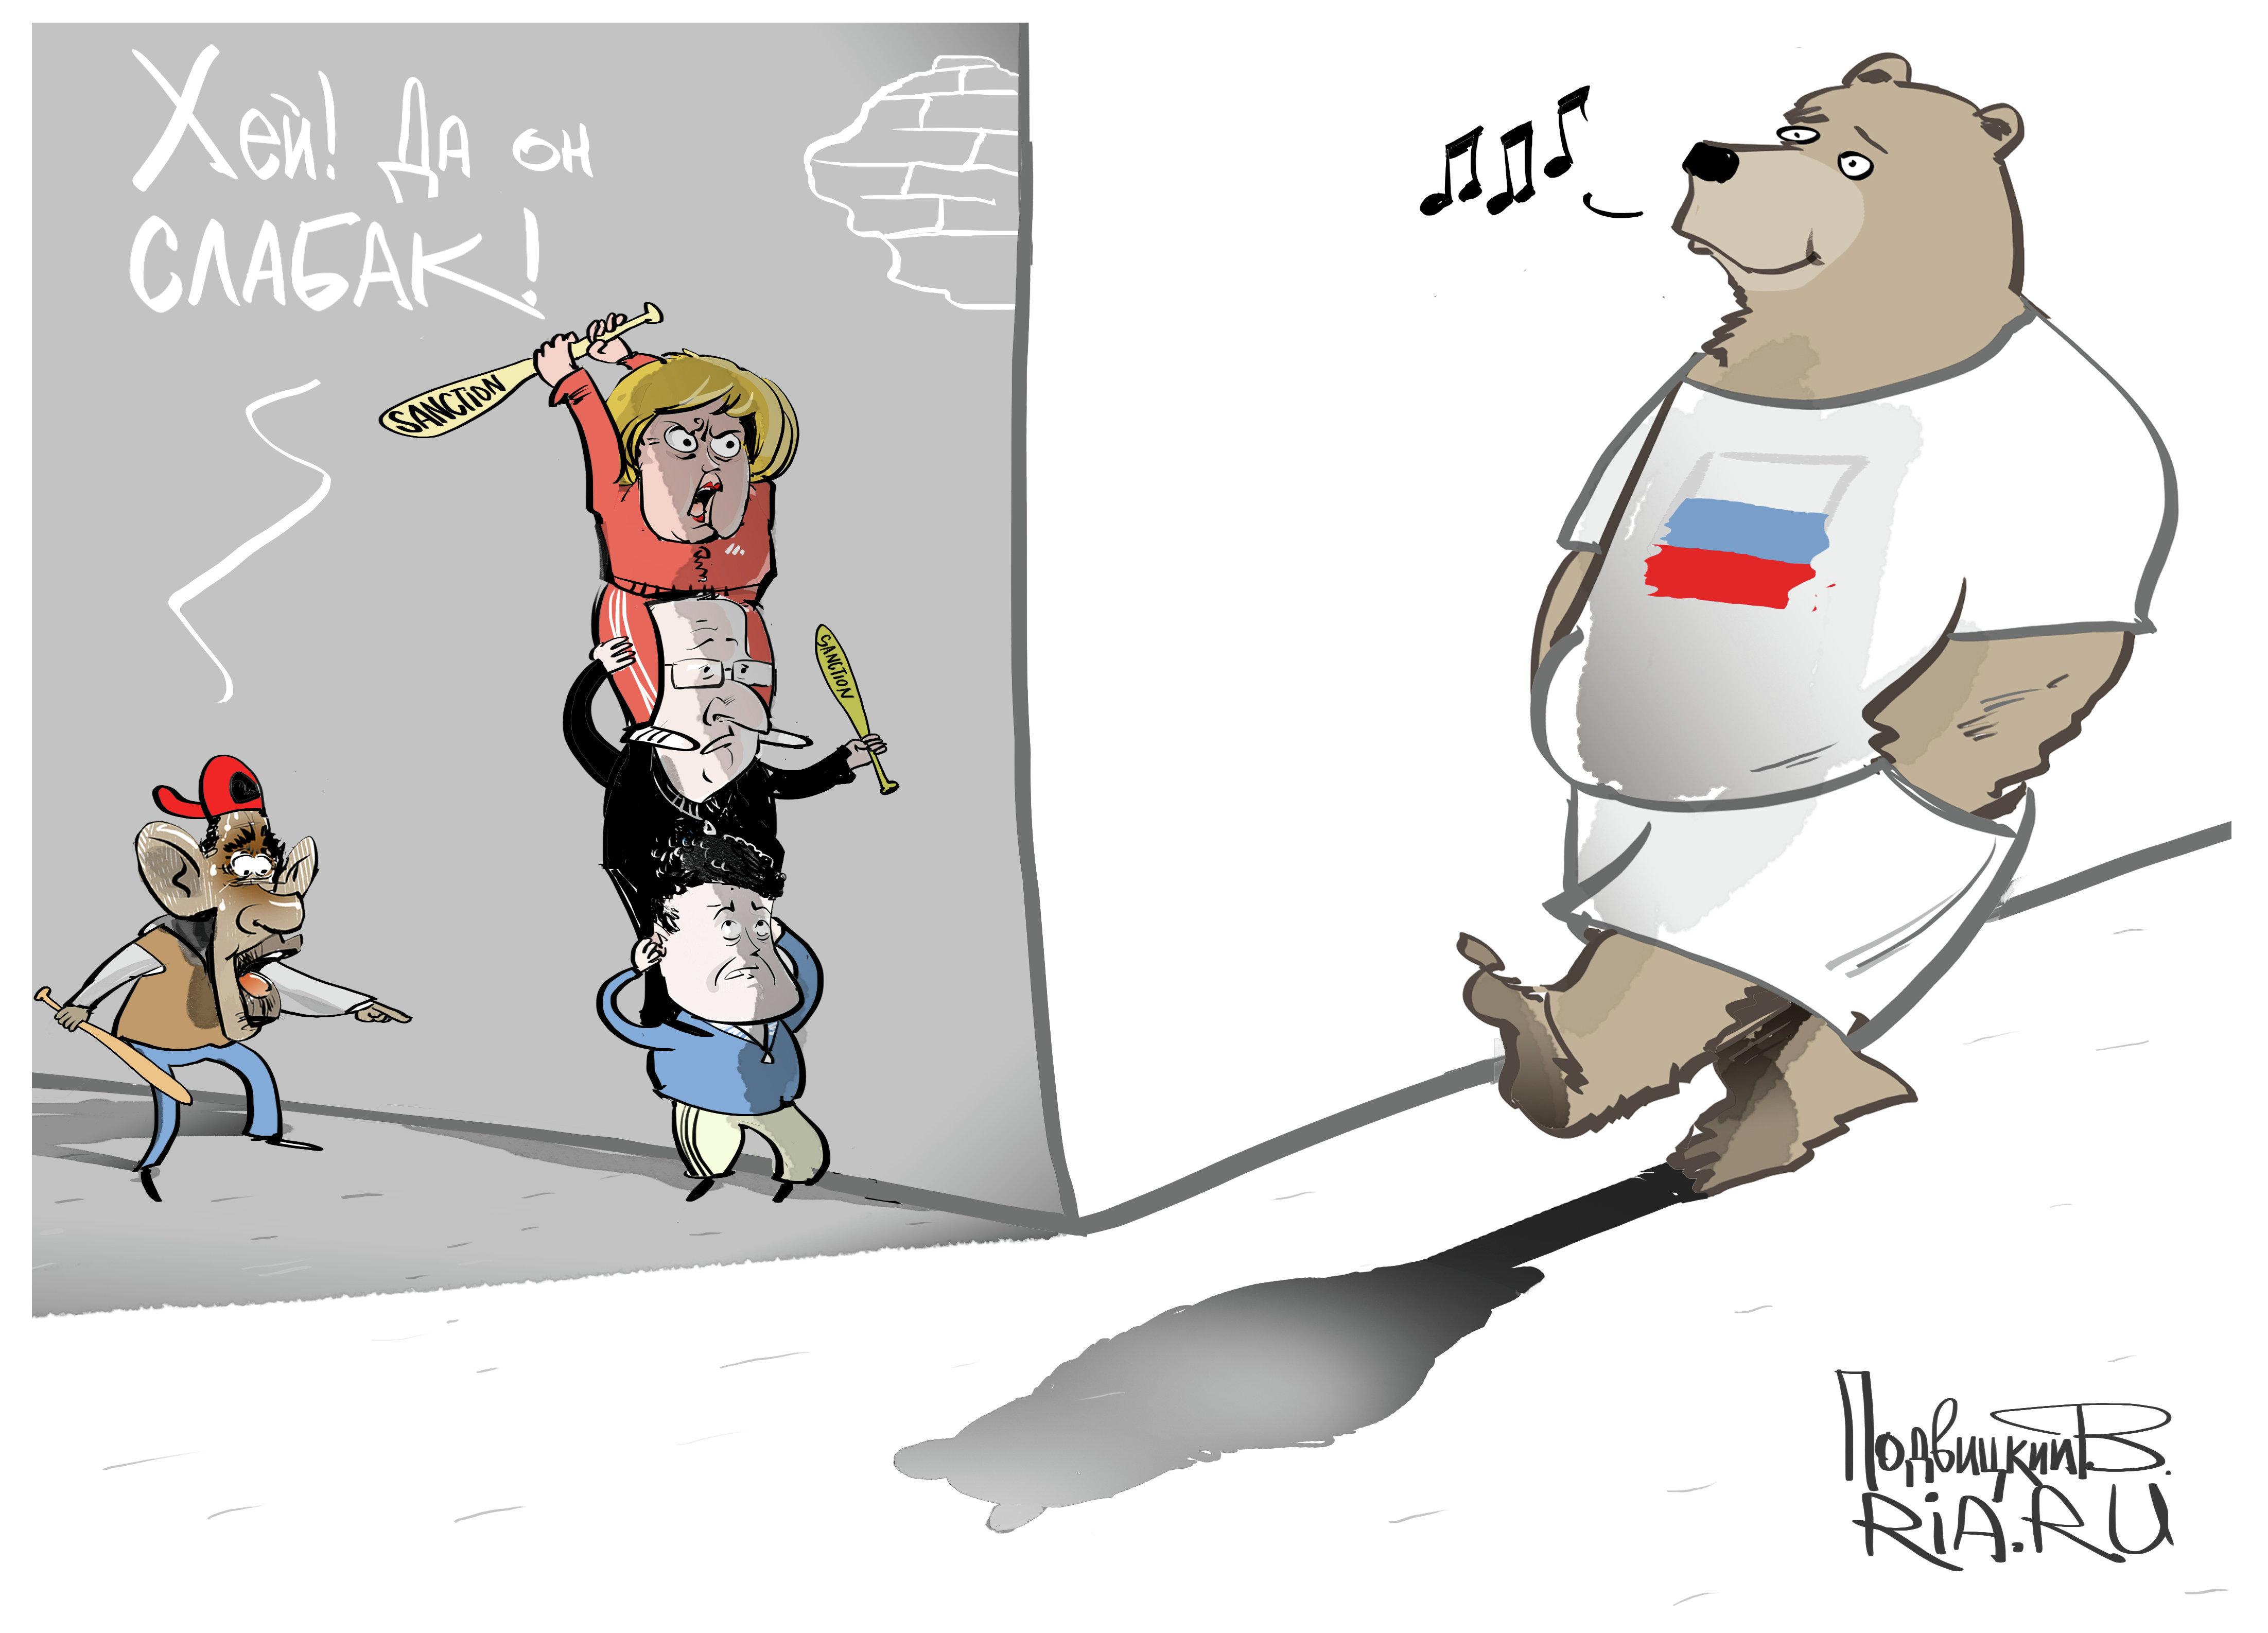 сша и санкции юмор картинки только накатку